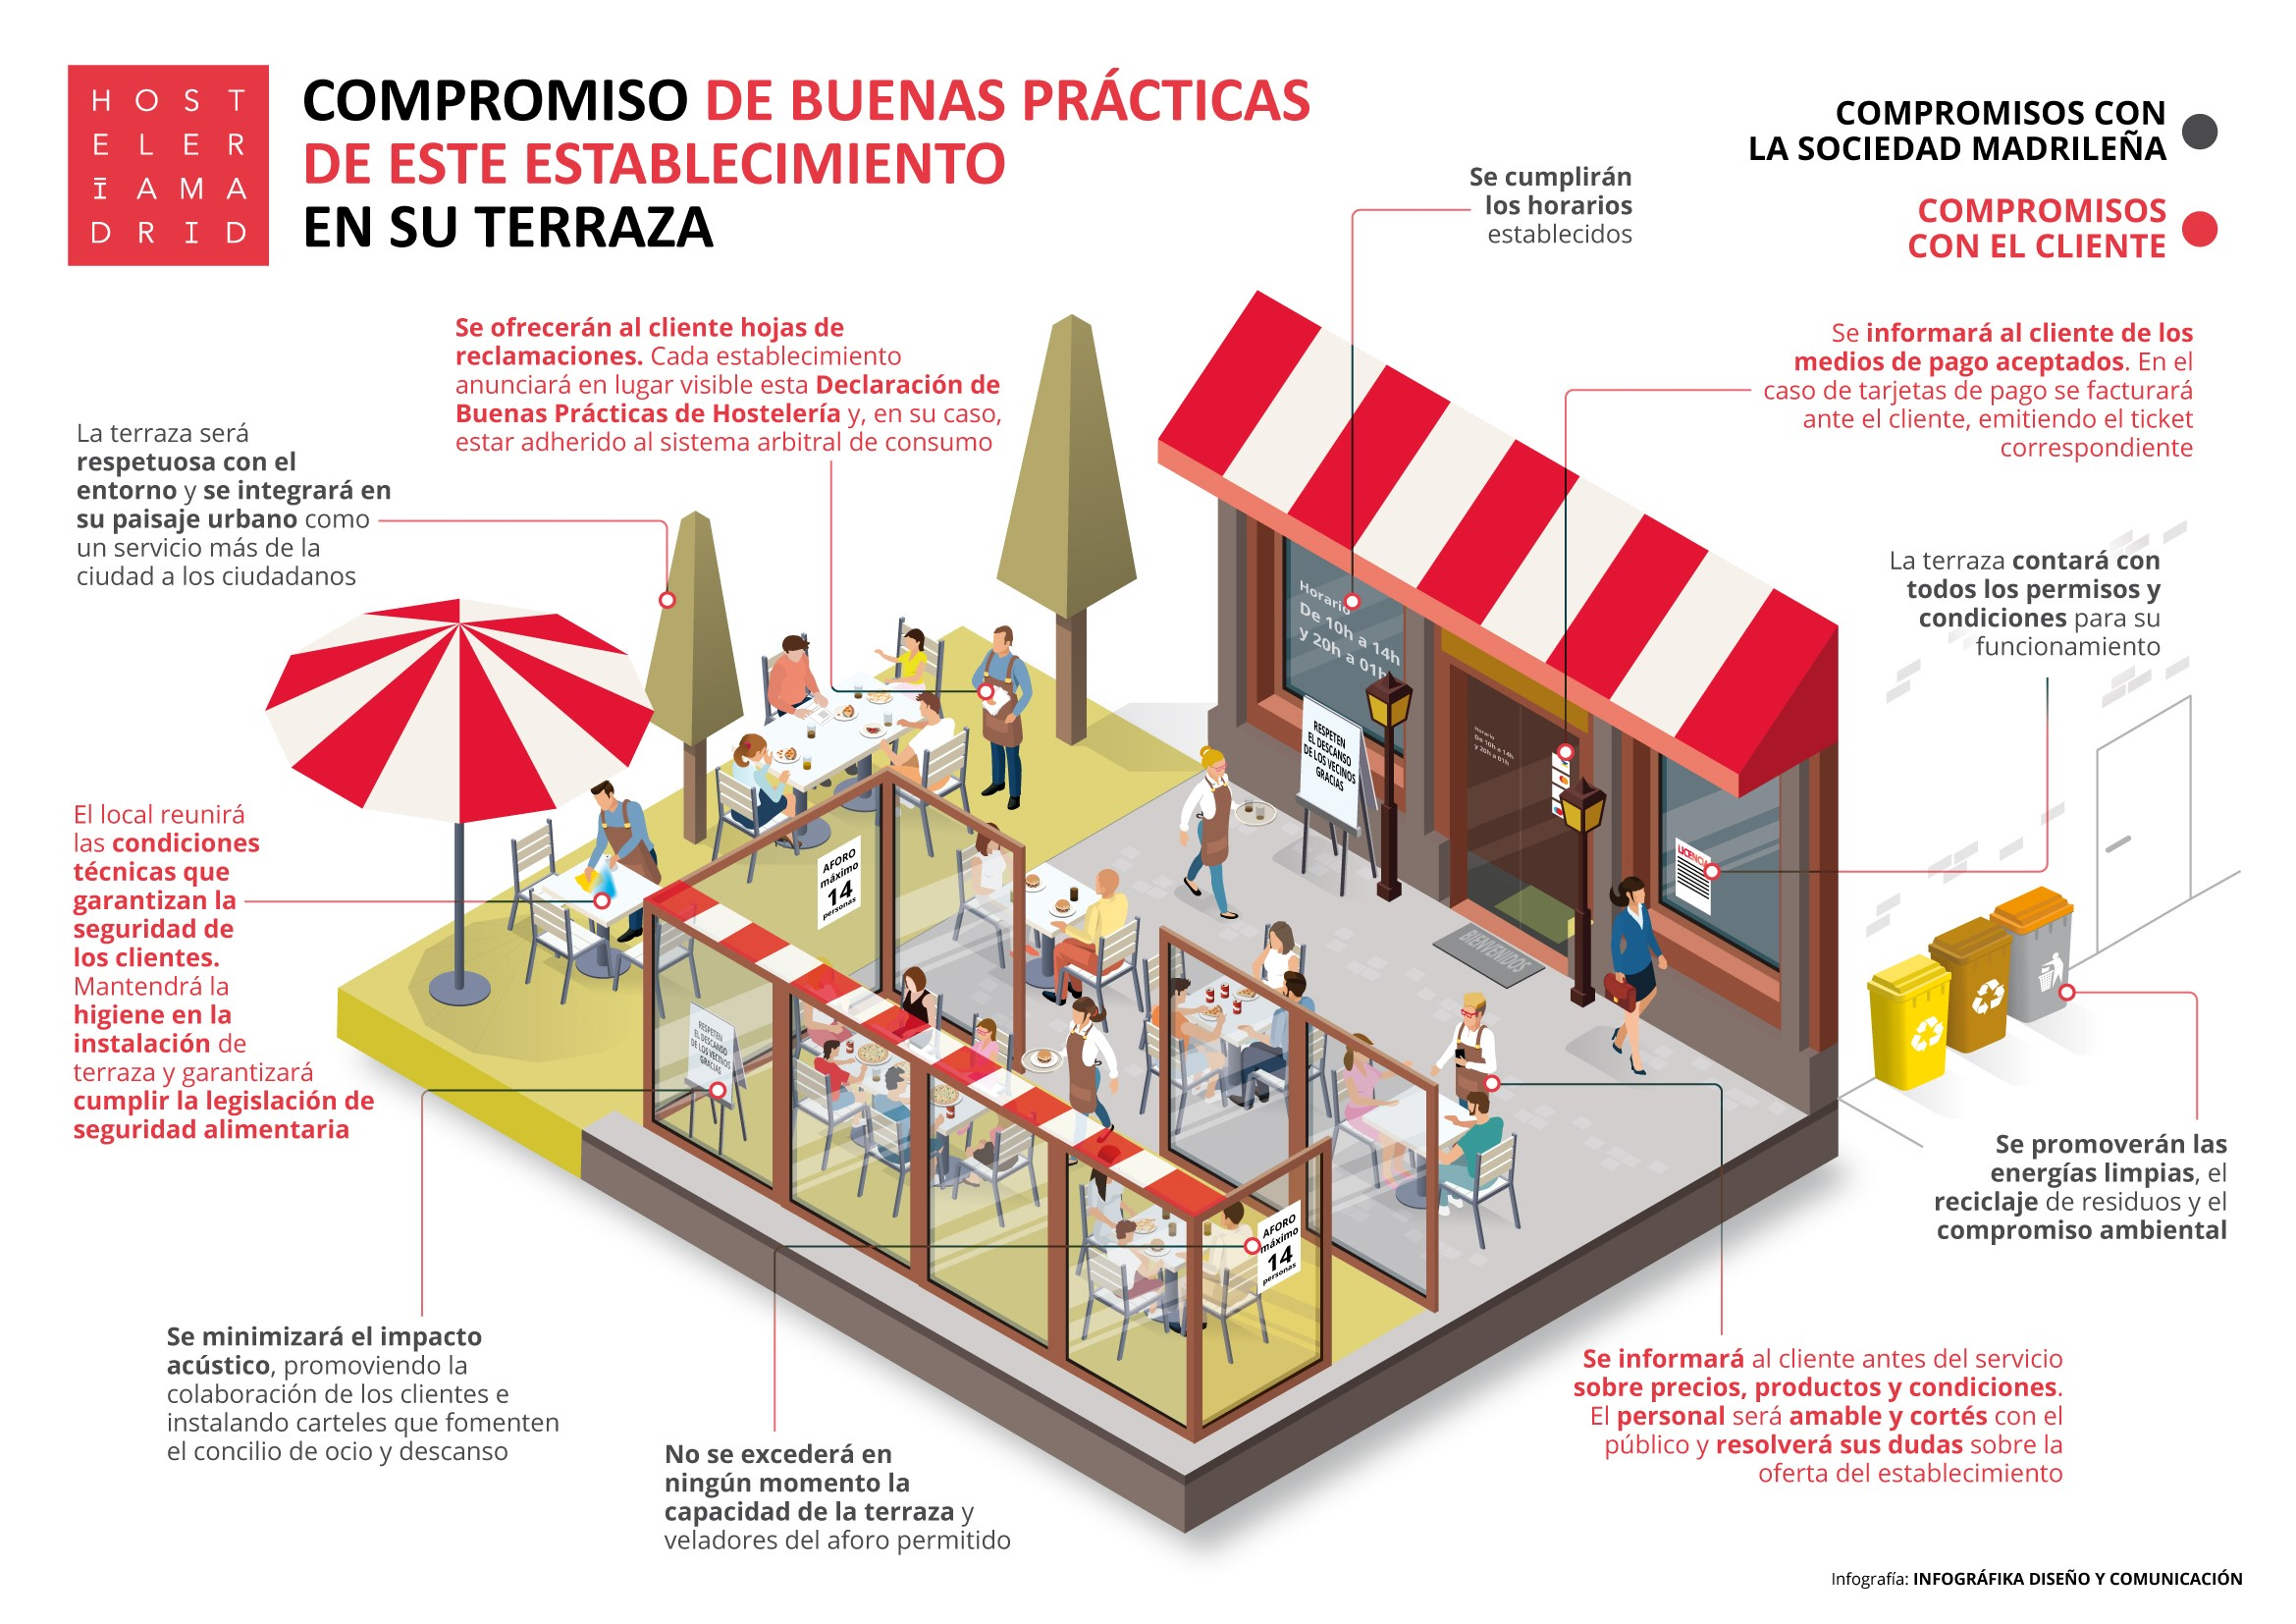 El puente del Pilar reactiva hasta el 73% de la facturación de la hostelería de Madrid - La Viña